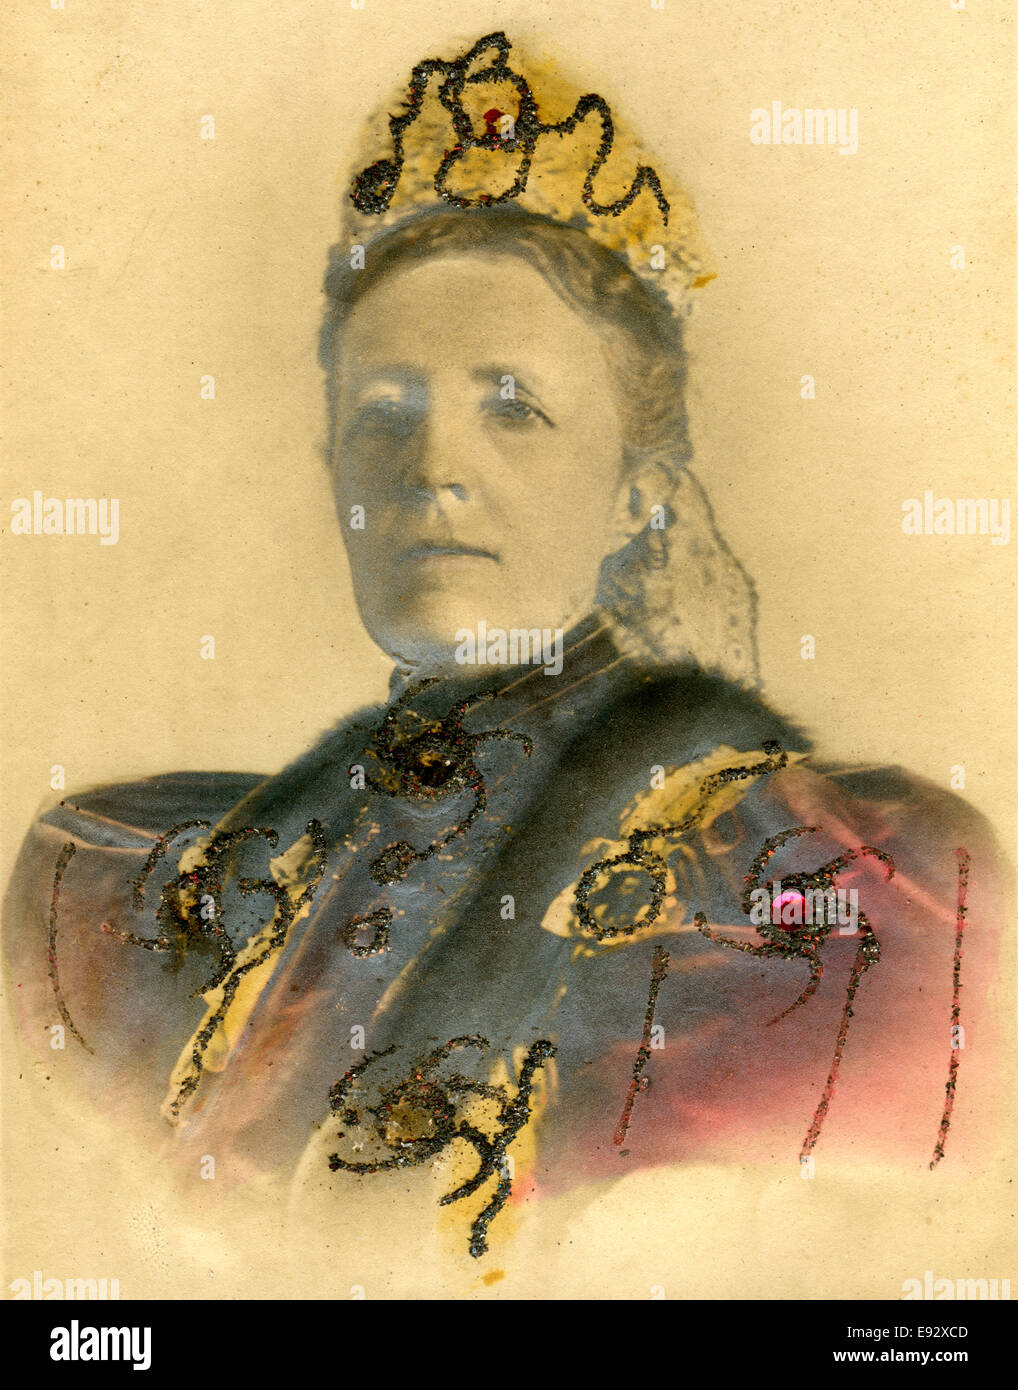 Sophia of Nassau (1836-1913), Queen Consort of Sweden, Portrait, circa 1900 - Stock Image